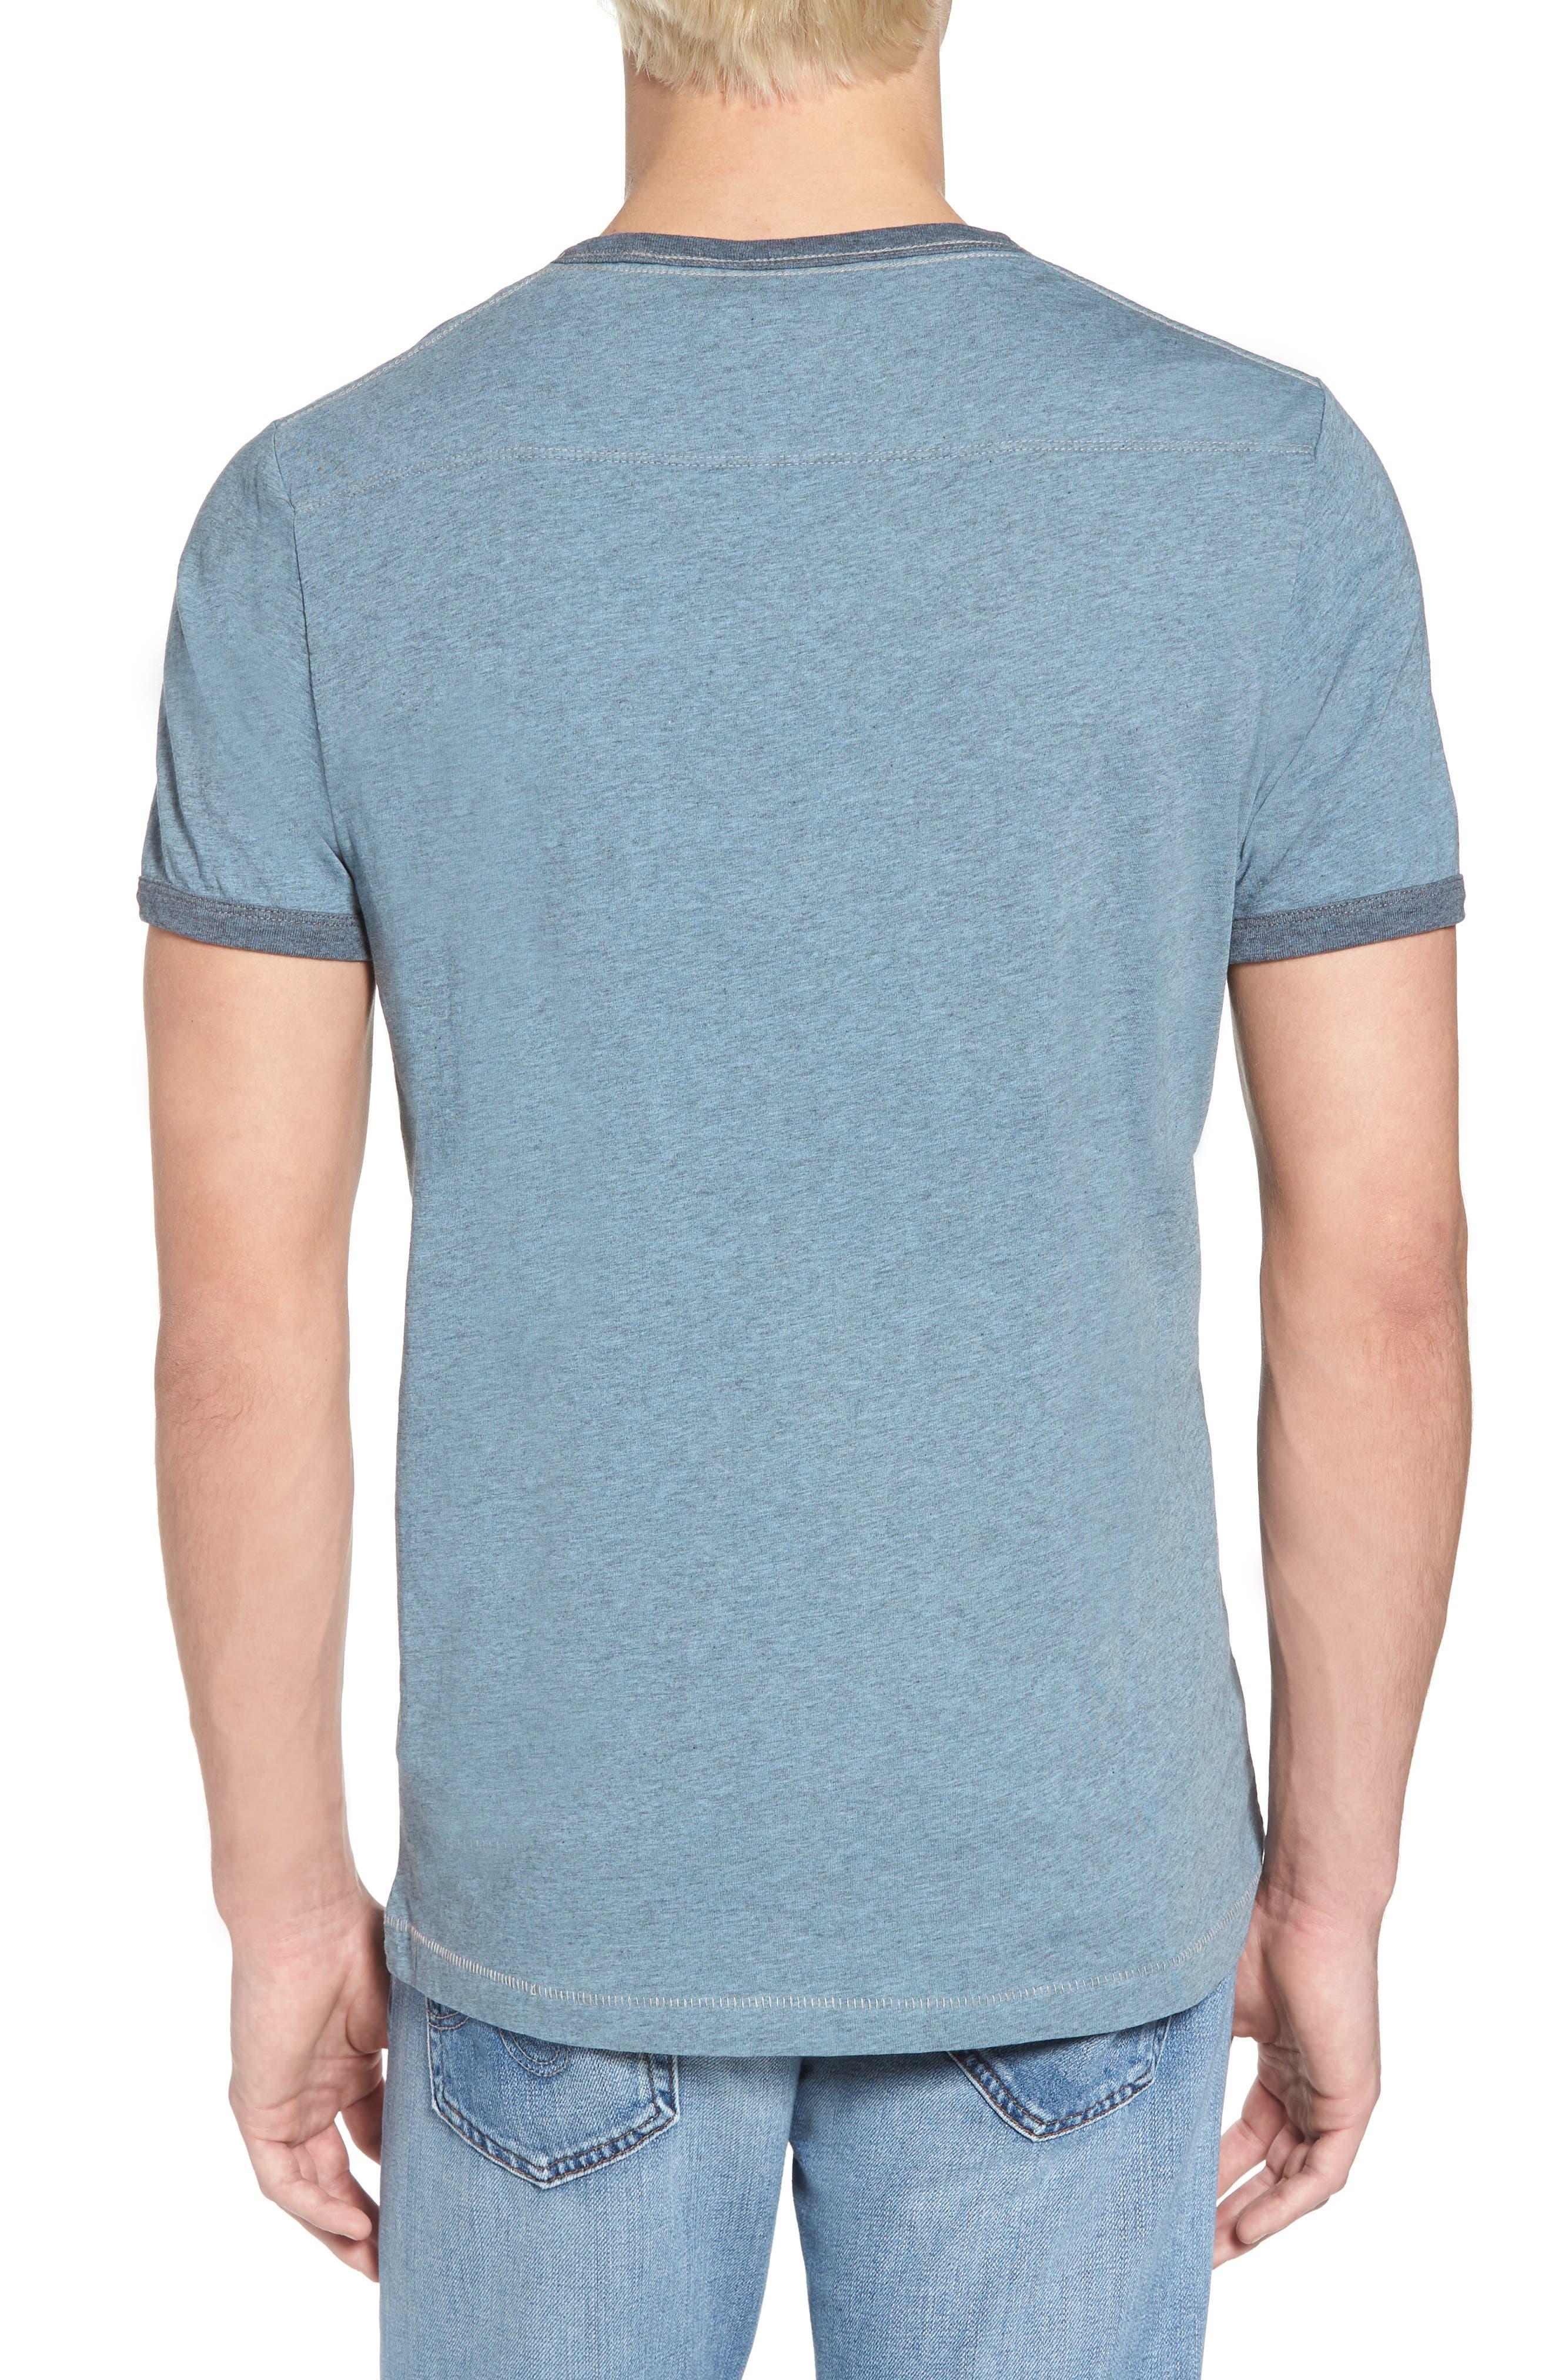 Bens Slim Fit Ringer T-Shirt,                             Alternate thumbnail 2, color,                             Overdyed Ashley Blue